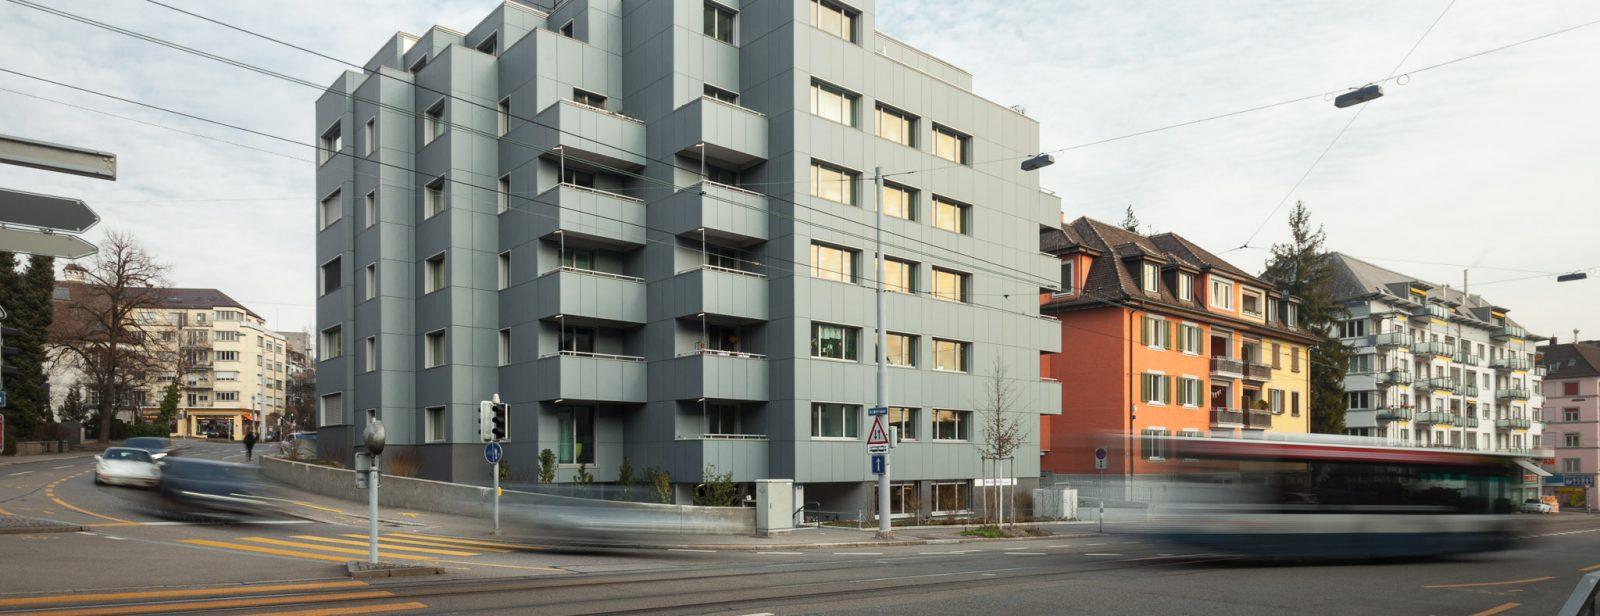 Umbau MFH Hofwiesenstrasse 22, Zürich